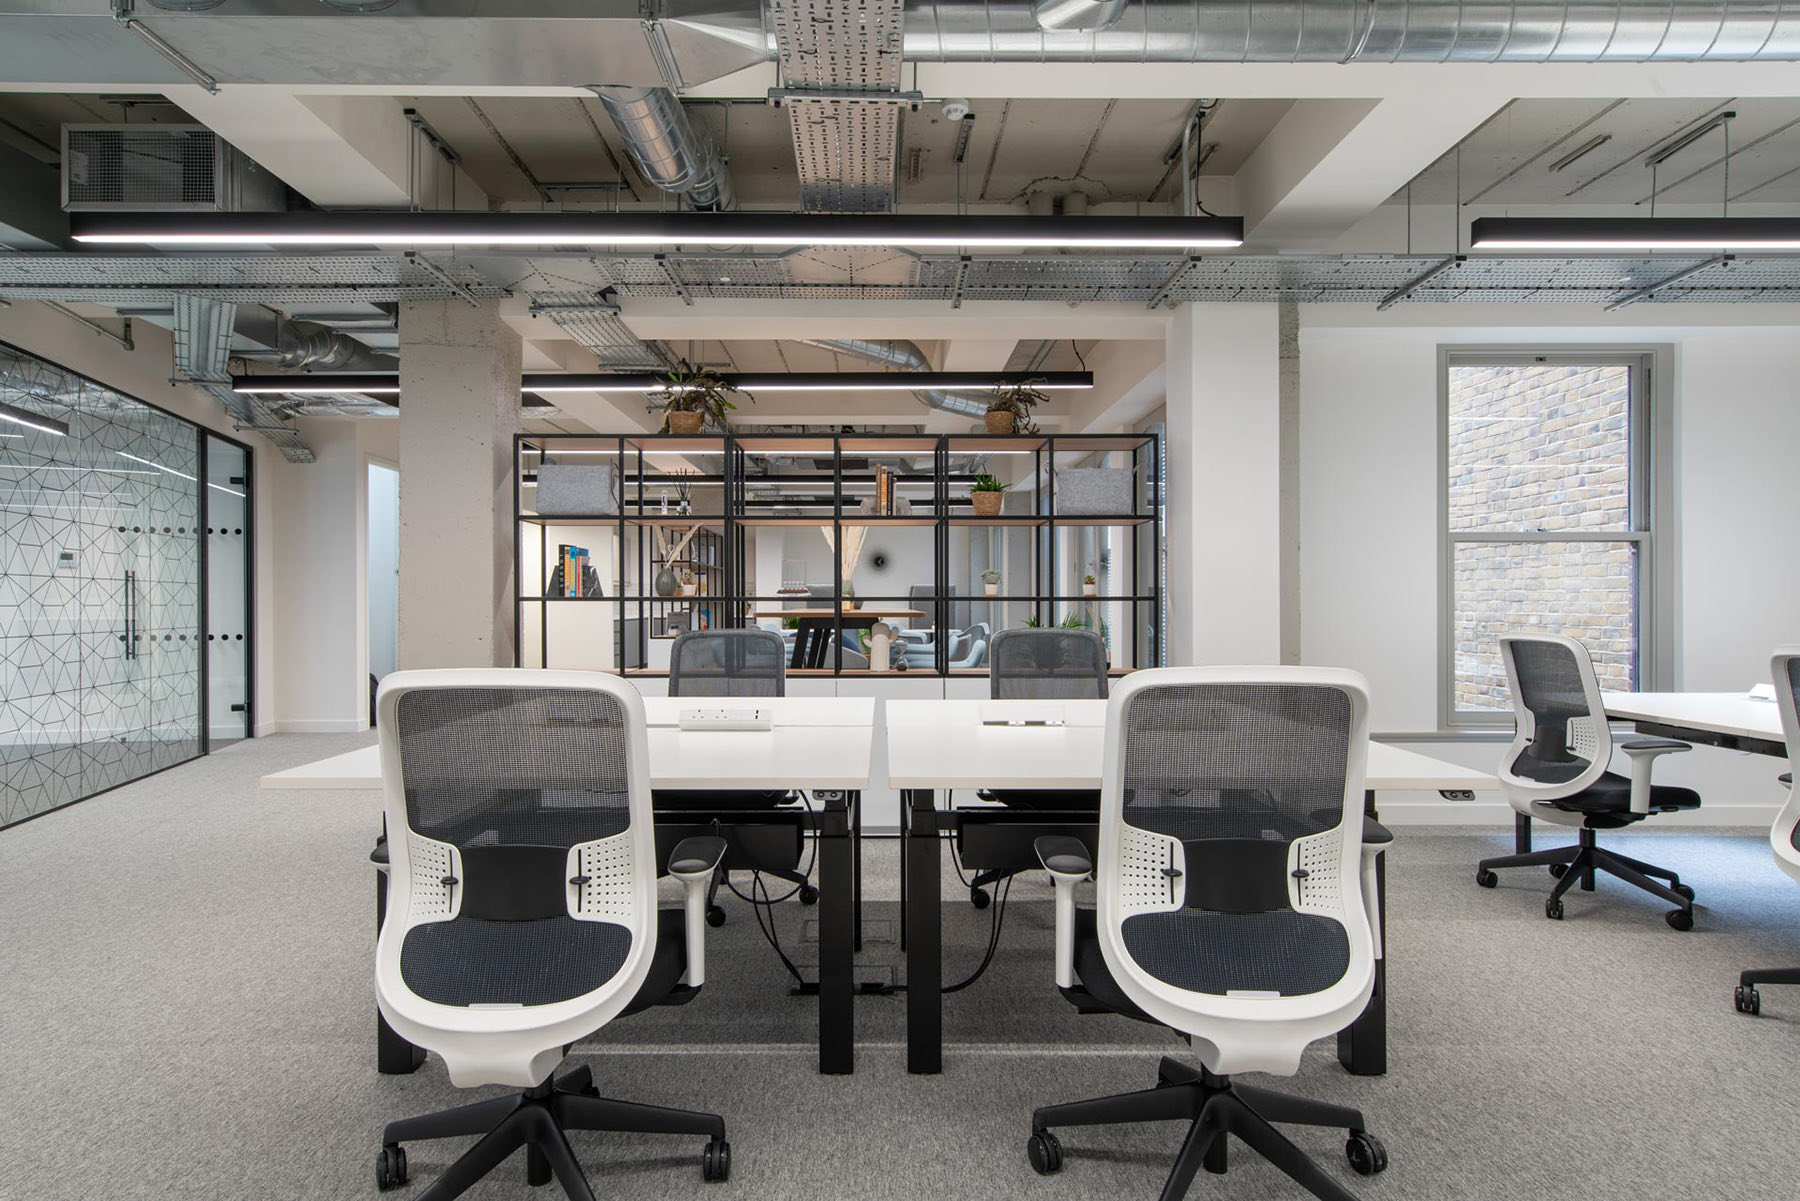 wss-london-office-8